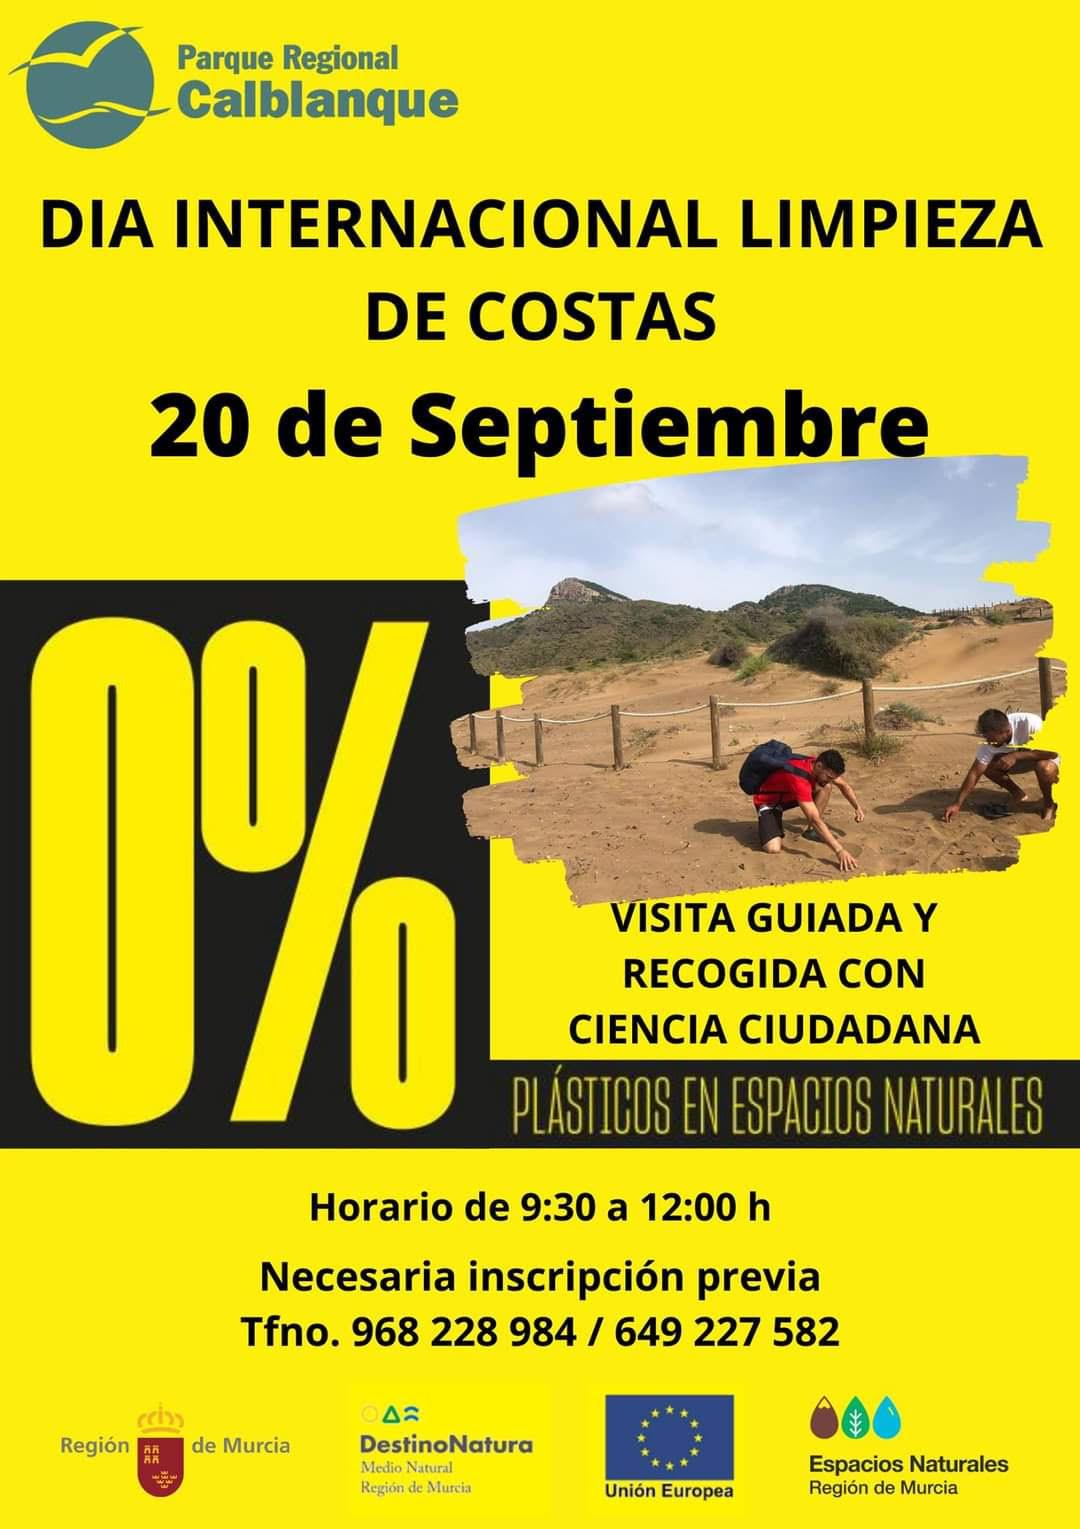 Limpieza de costa en Calblanque, con los ENP de la Región de Murcia